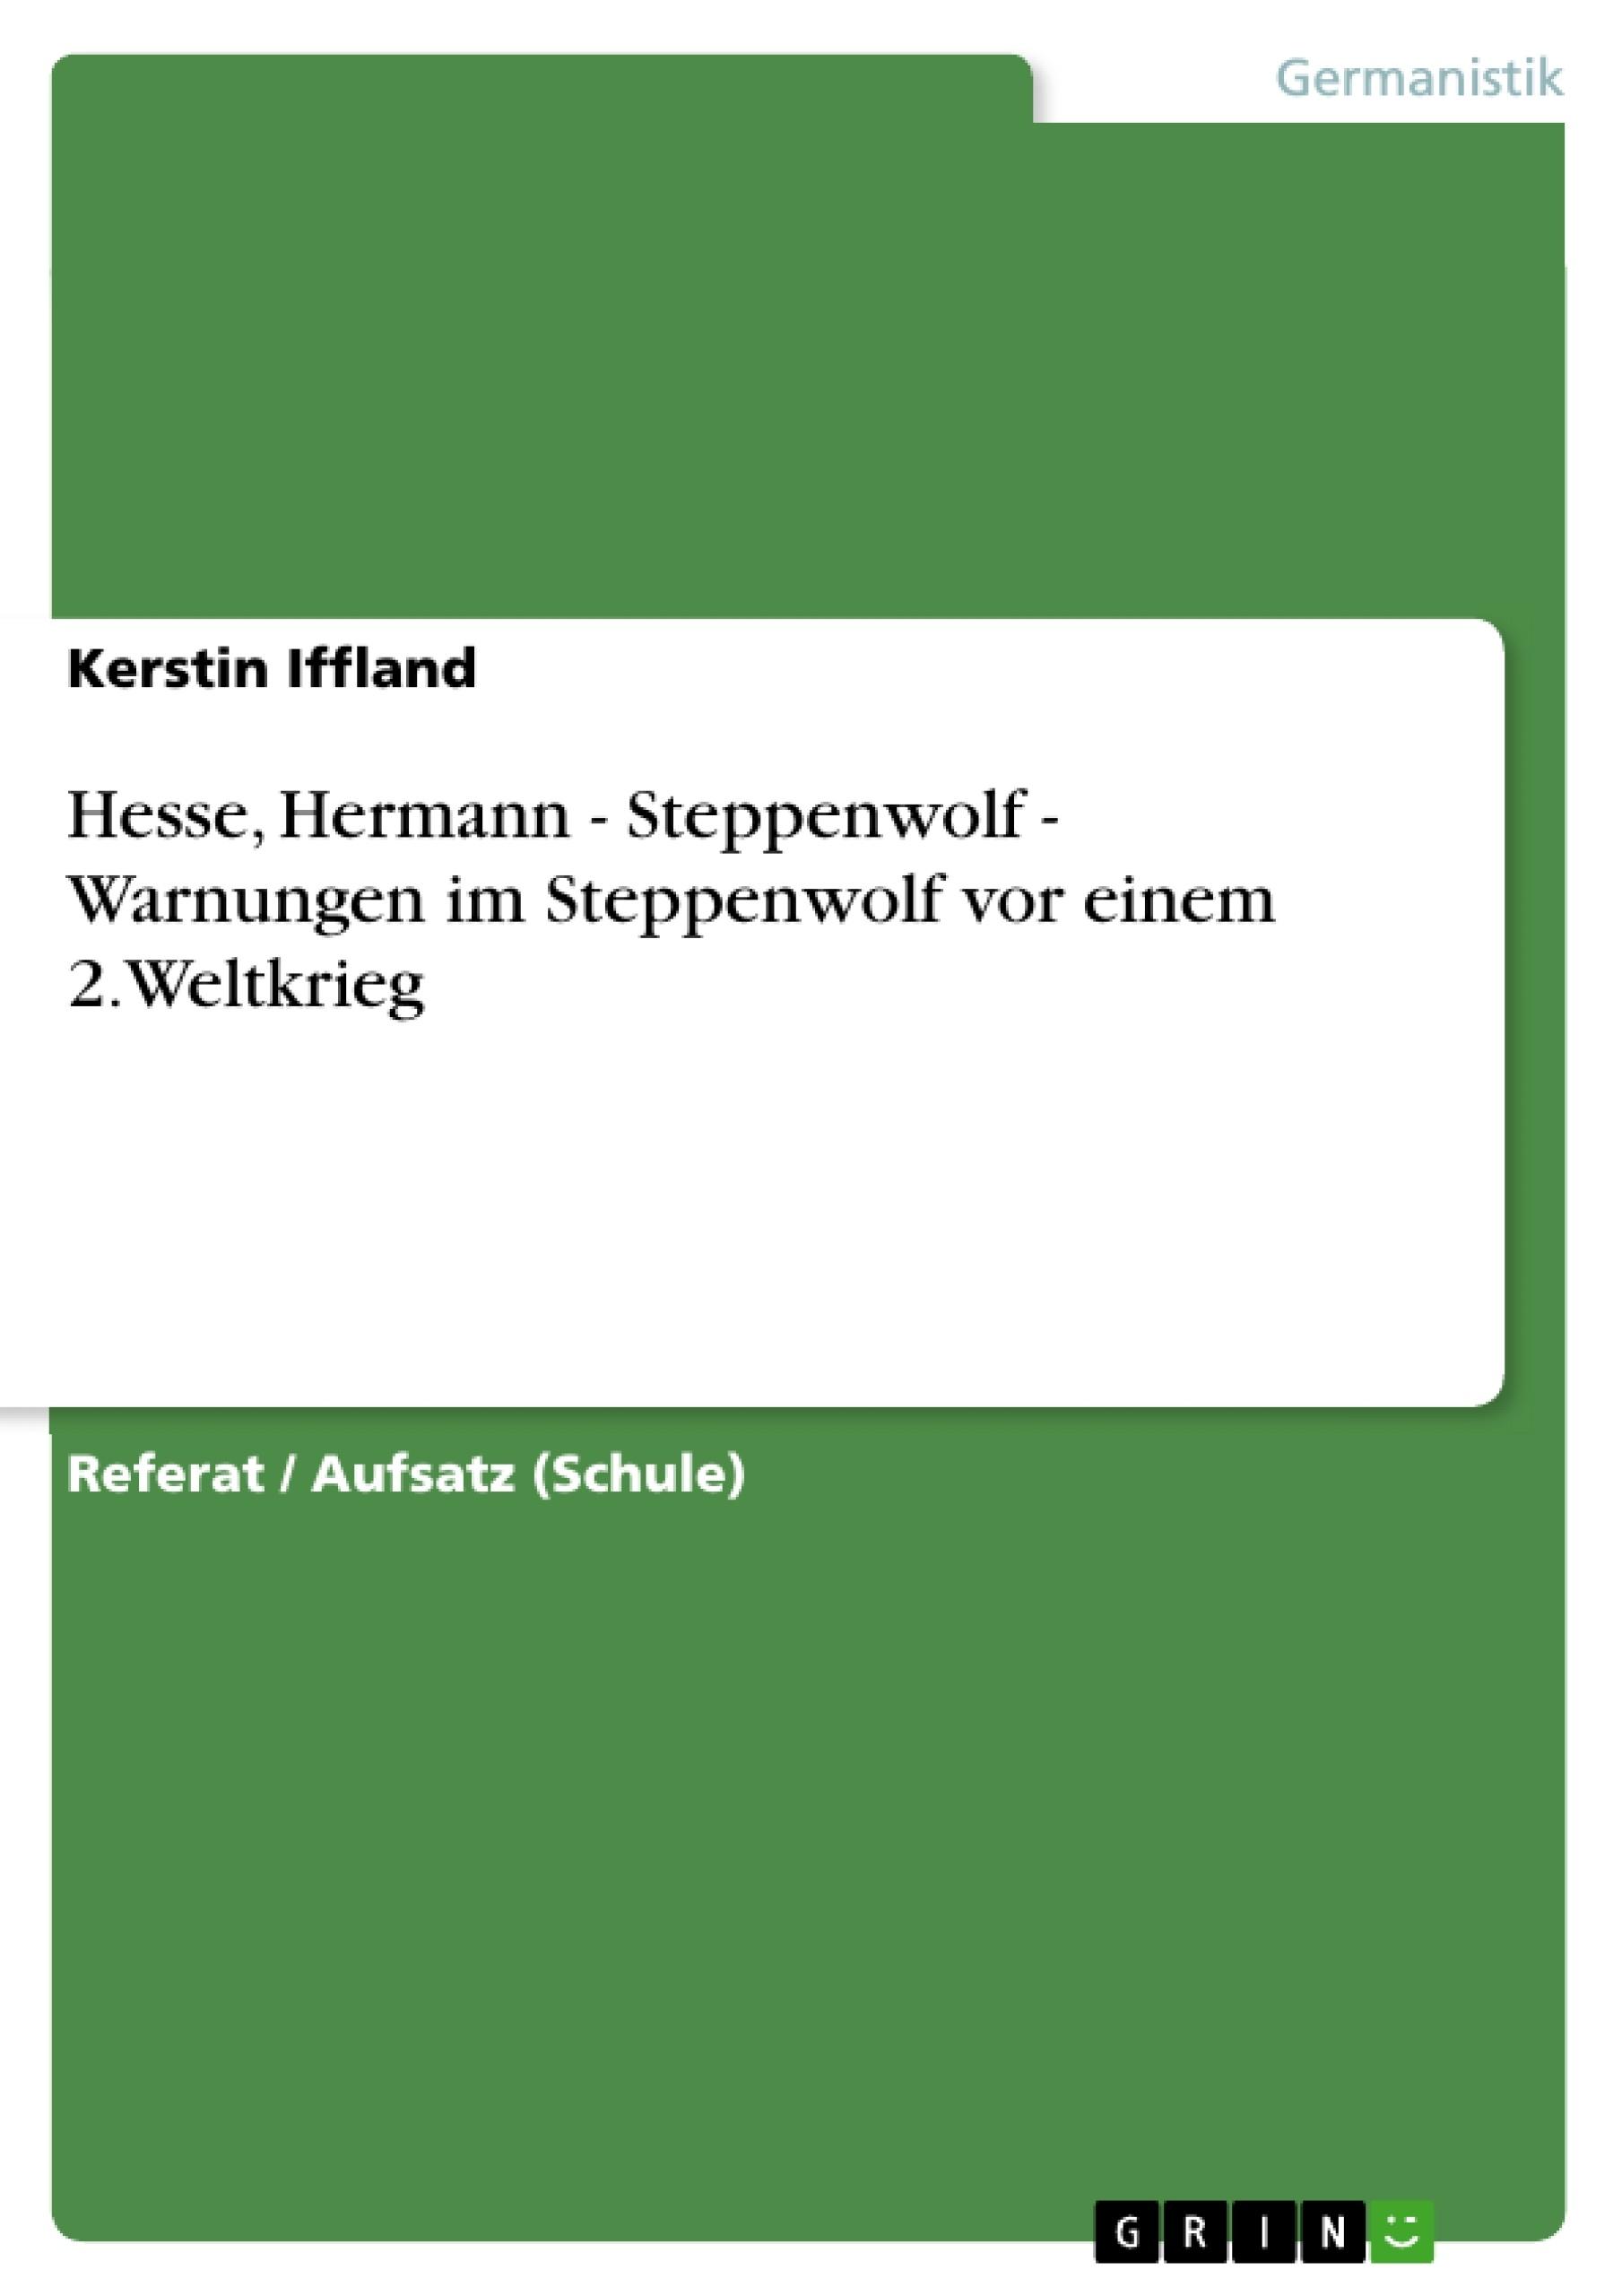 Titel: Hesse, Hermann - Steppenwolf - Warnungen im Steppenwolf vor einem 2.Weltkrieg